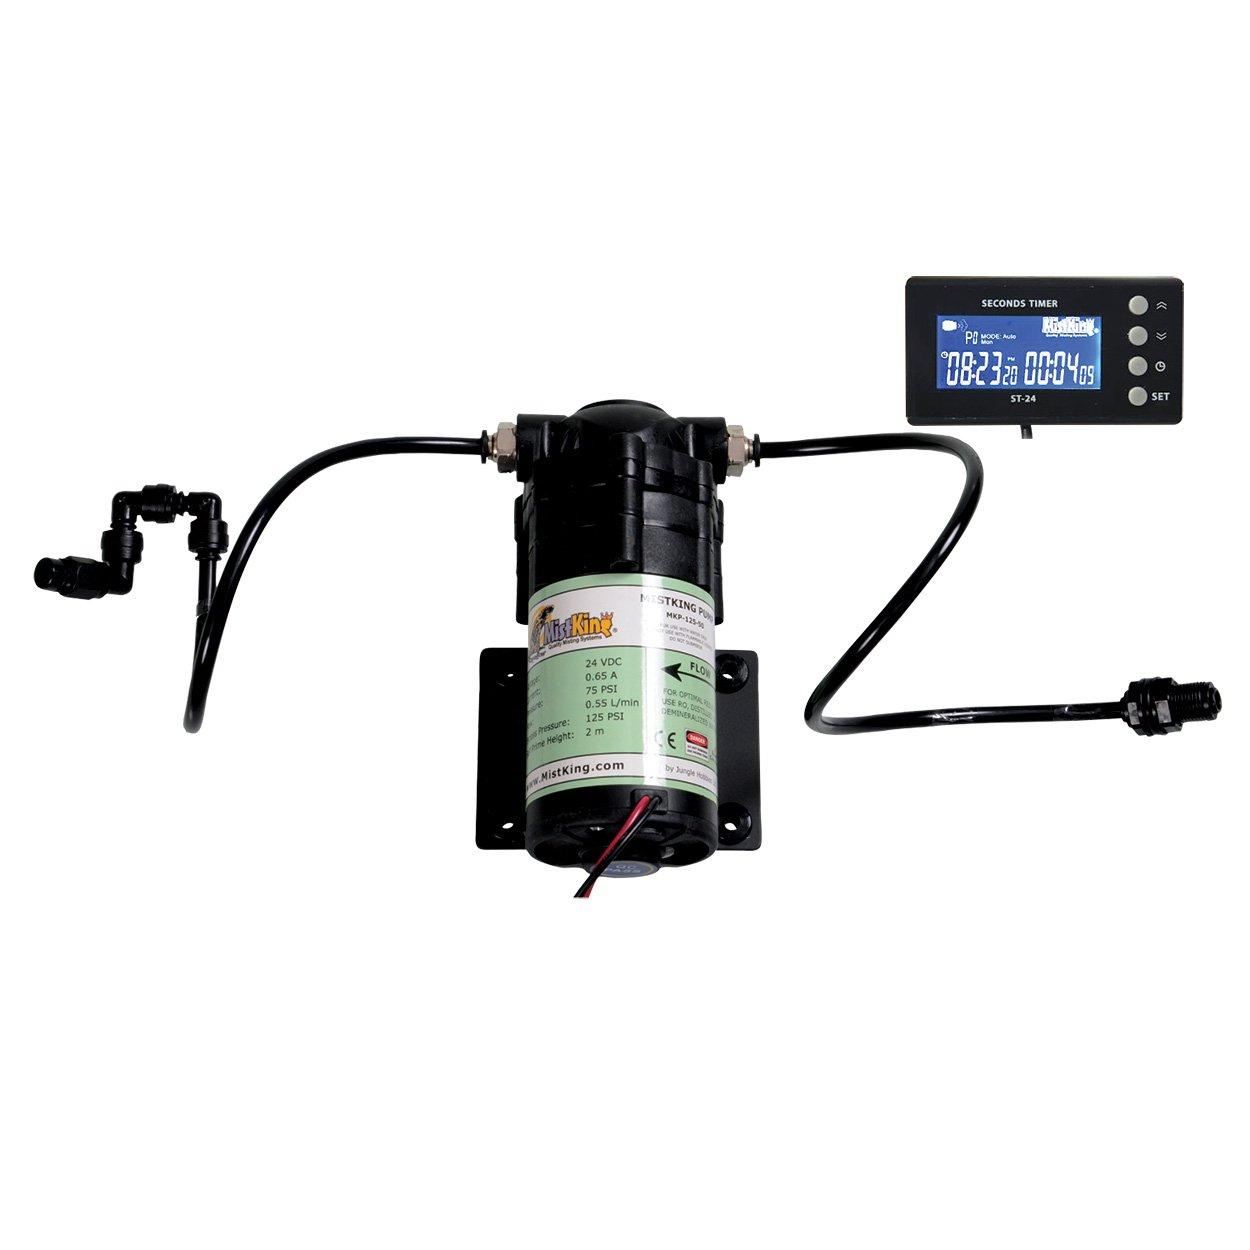 MistKing 22251 Starter Misting System V4.0 - PetOverstock by MistKing